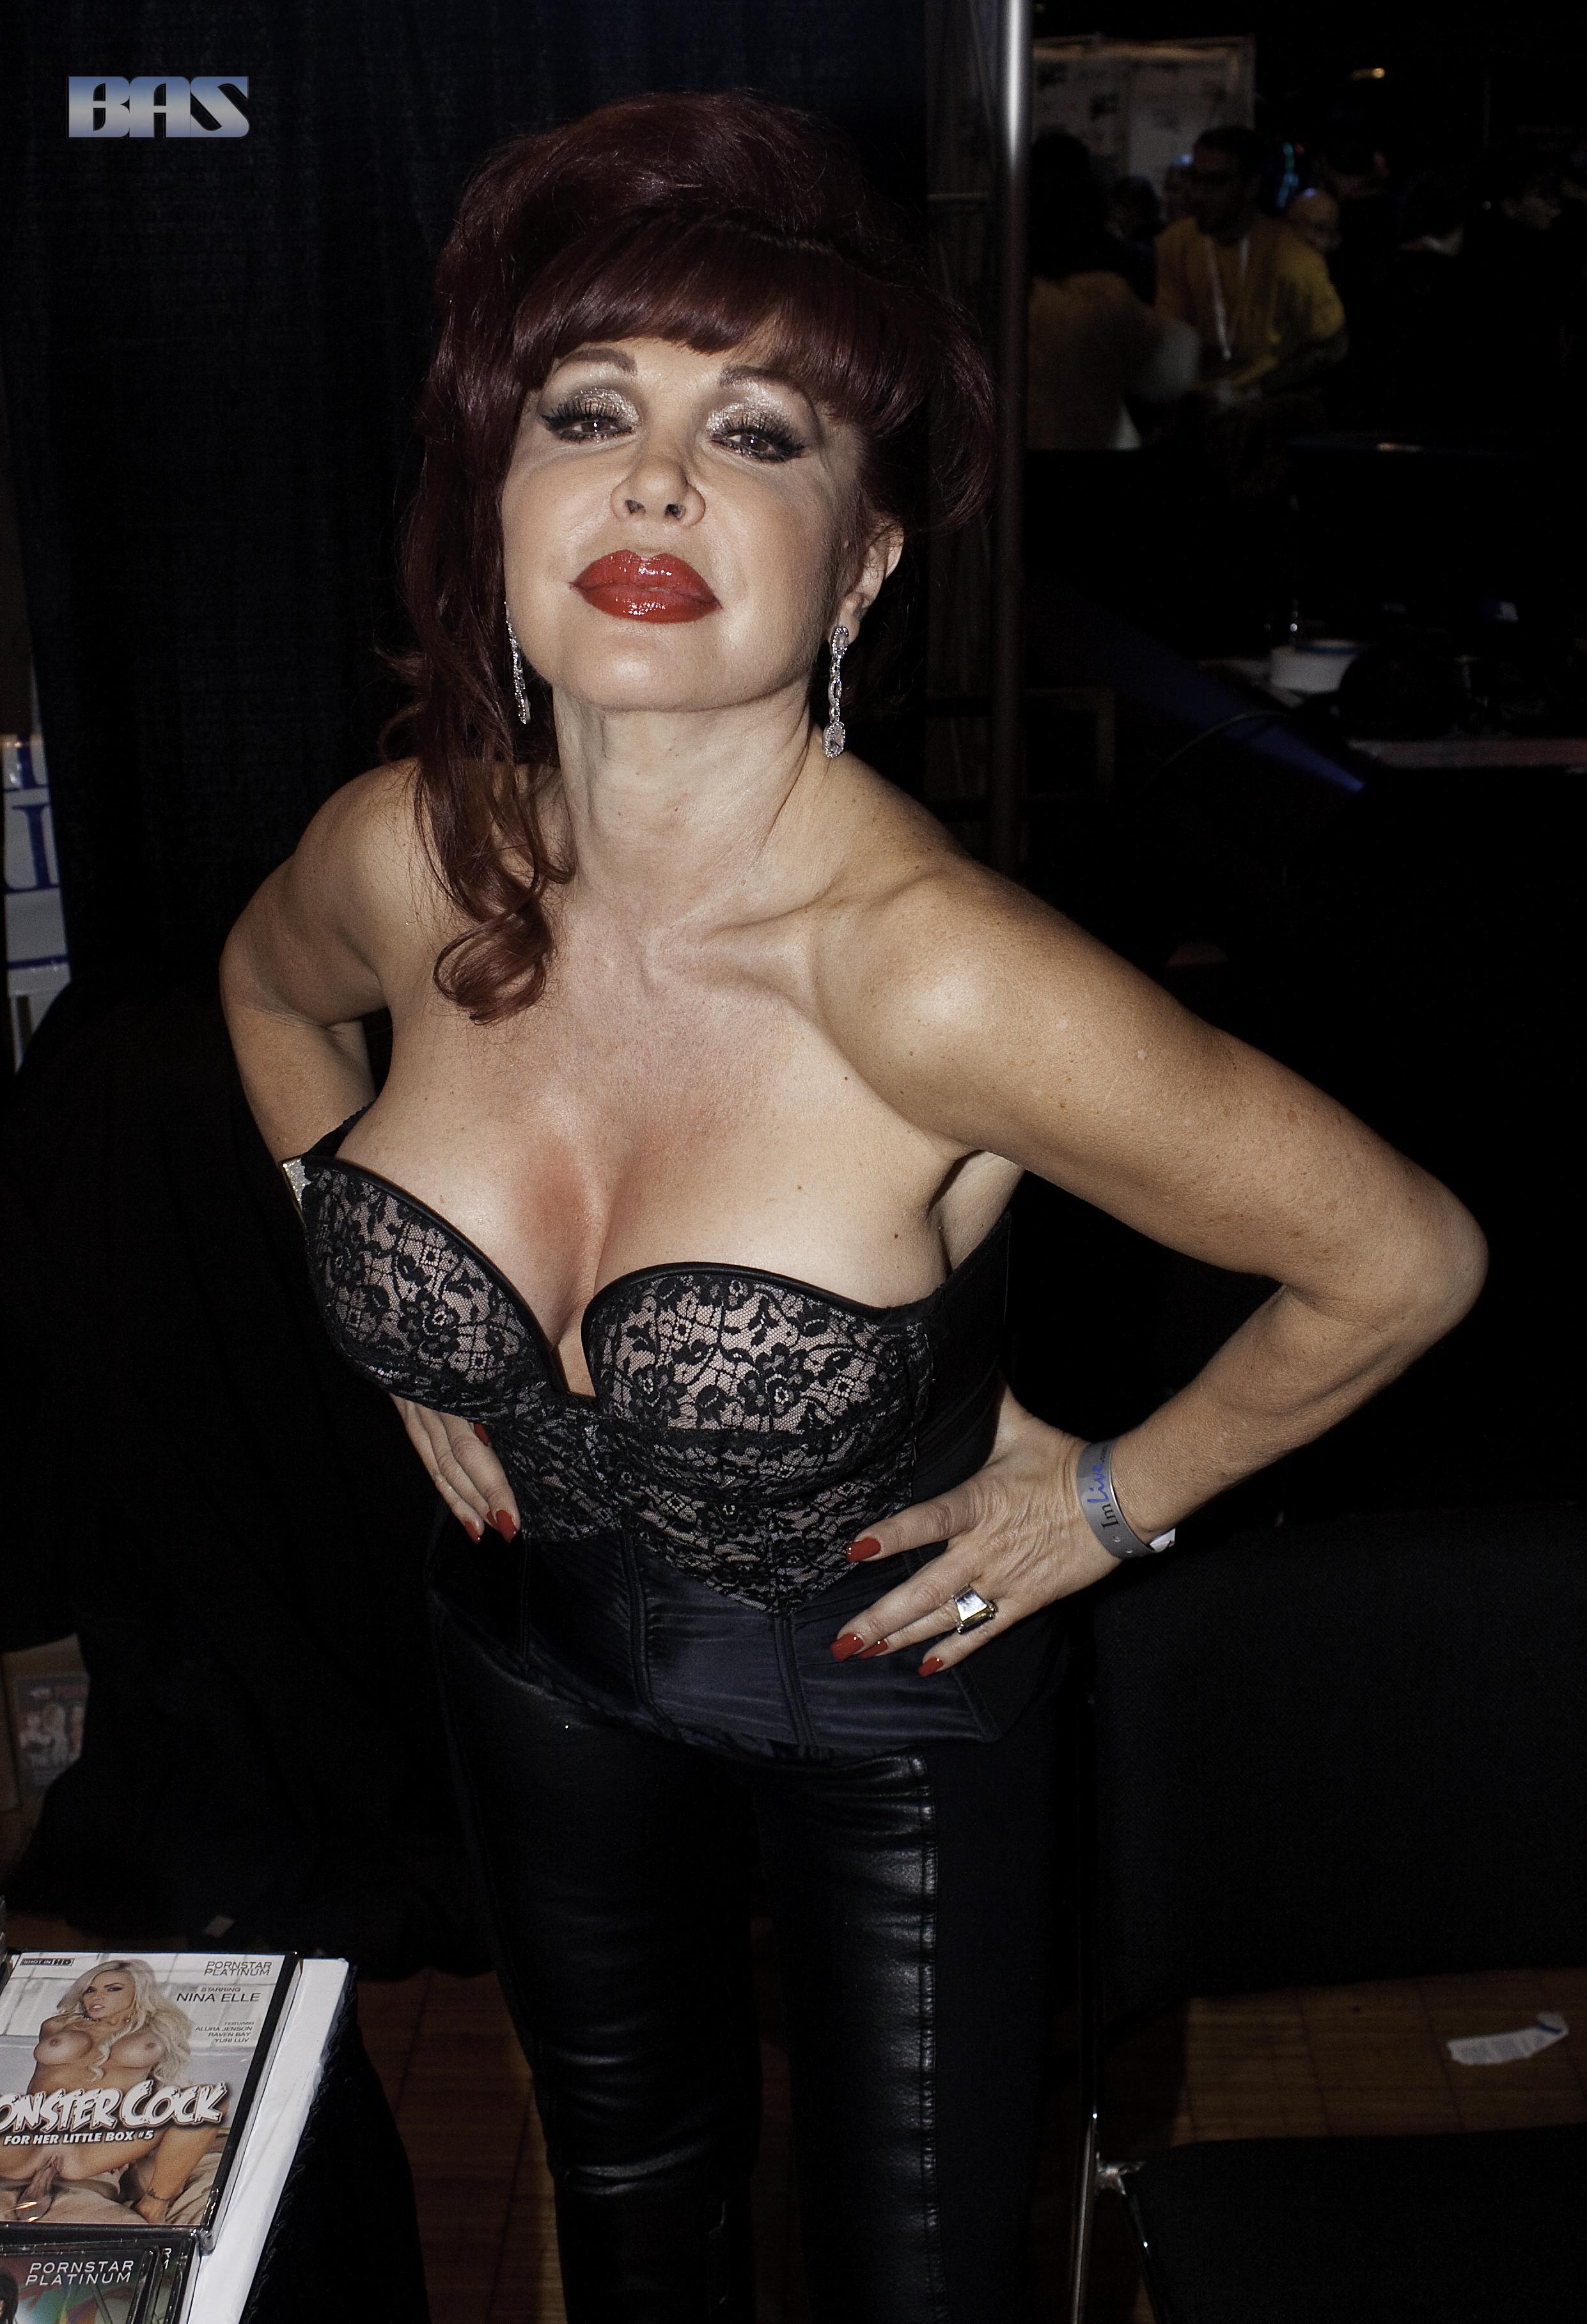 Sexy Pics Of Vanessa Hudgens 12